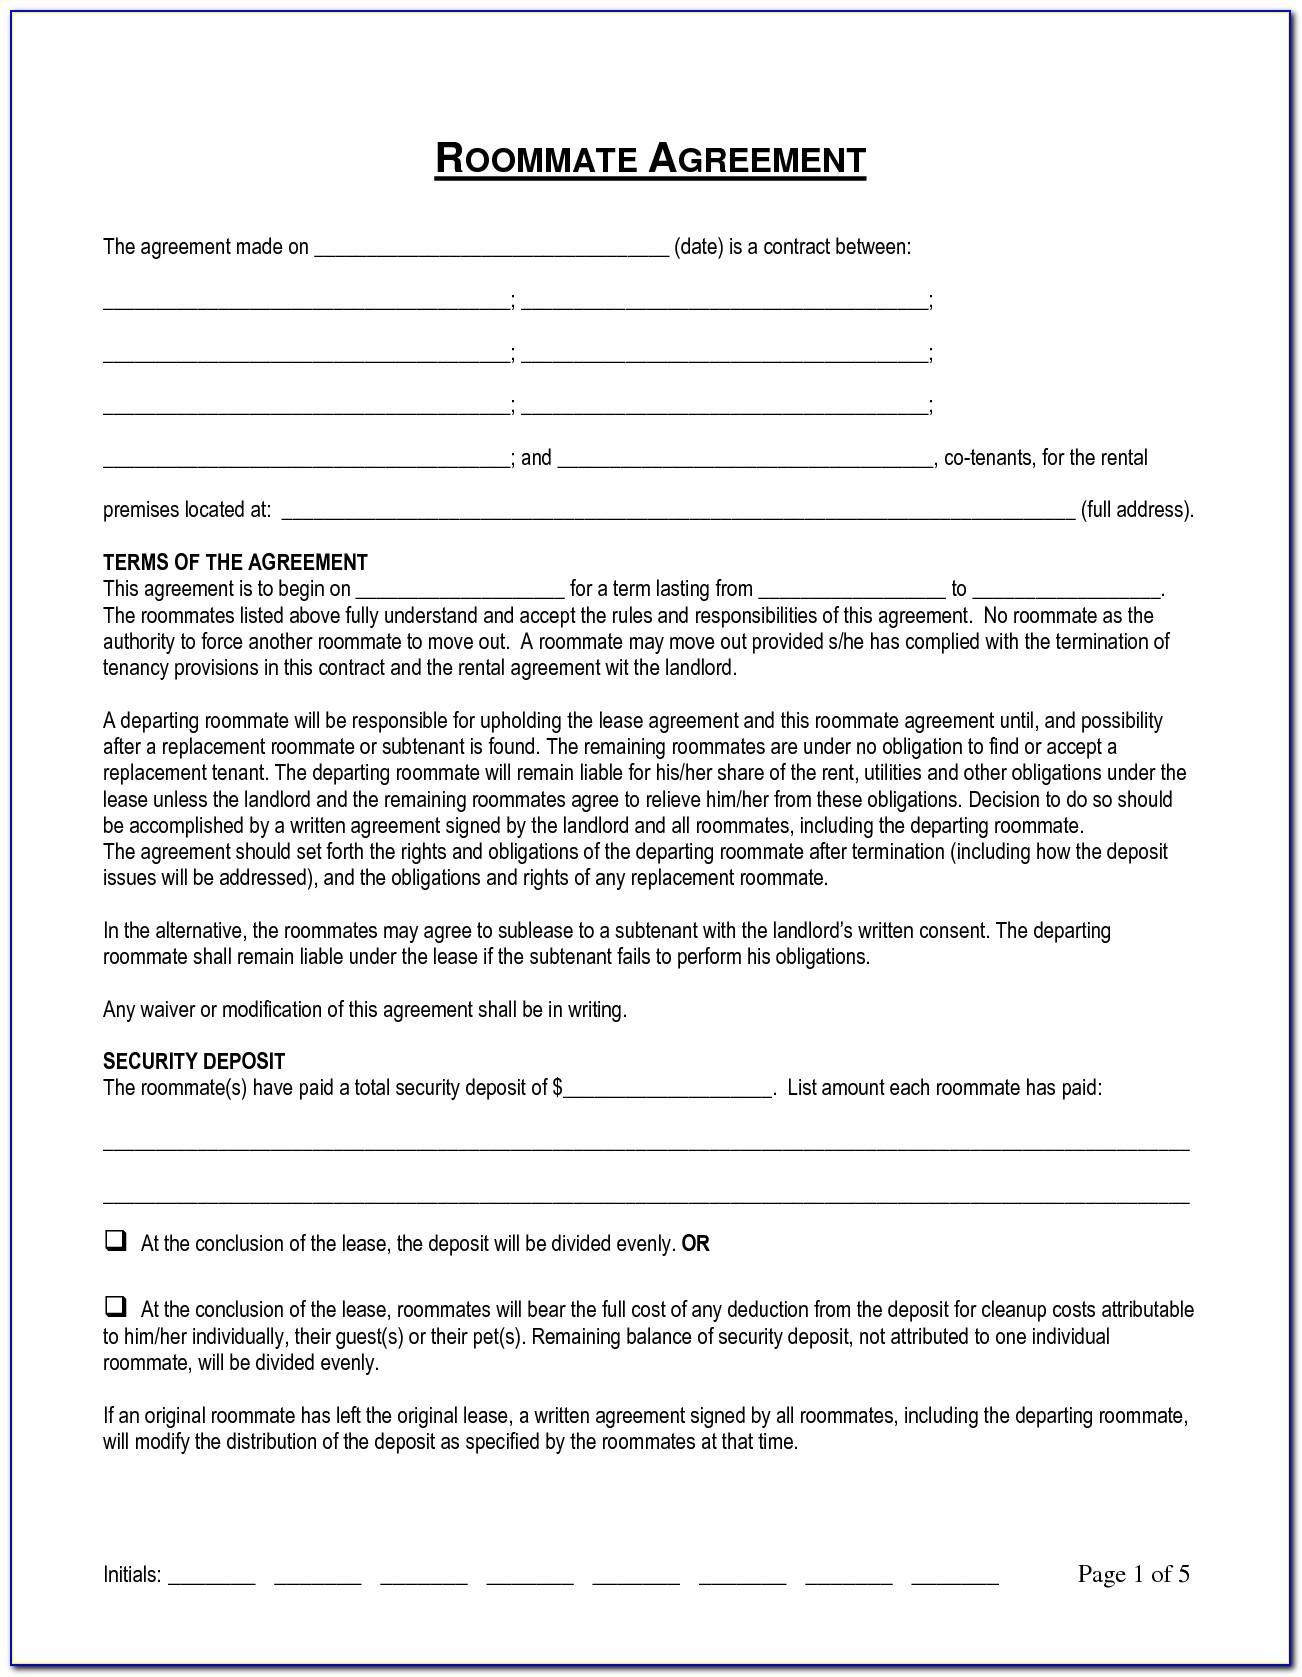 Roommate Agreement Template Australia